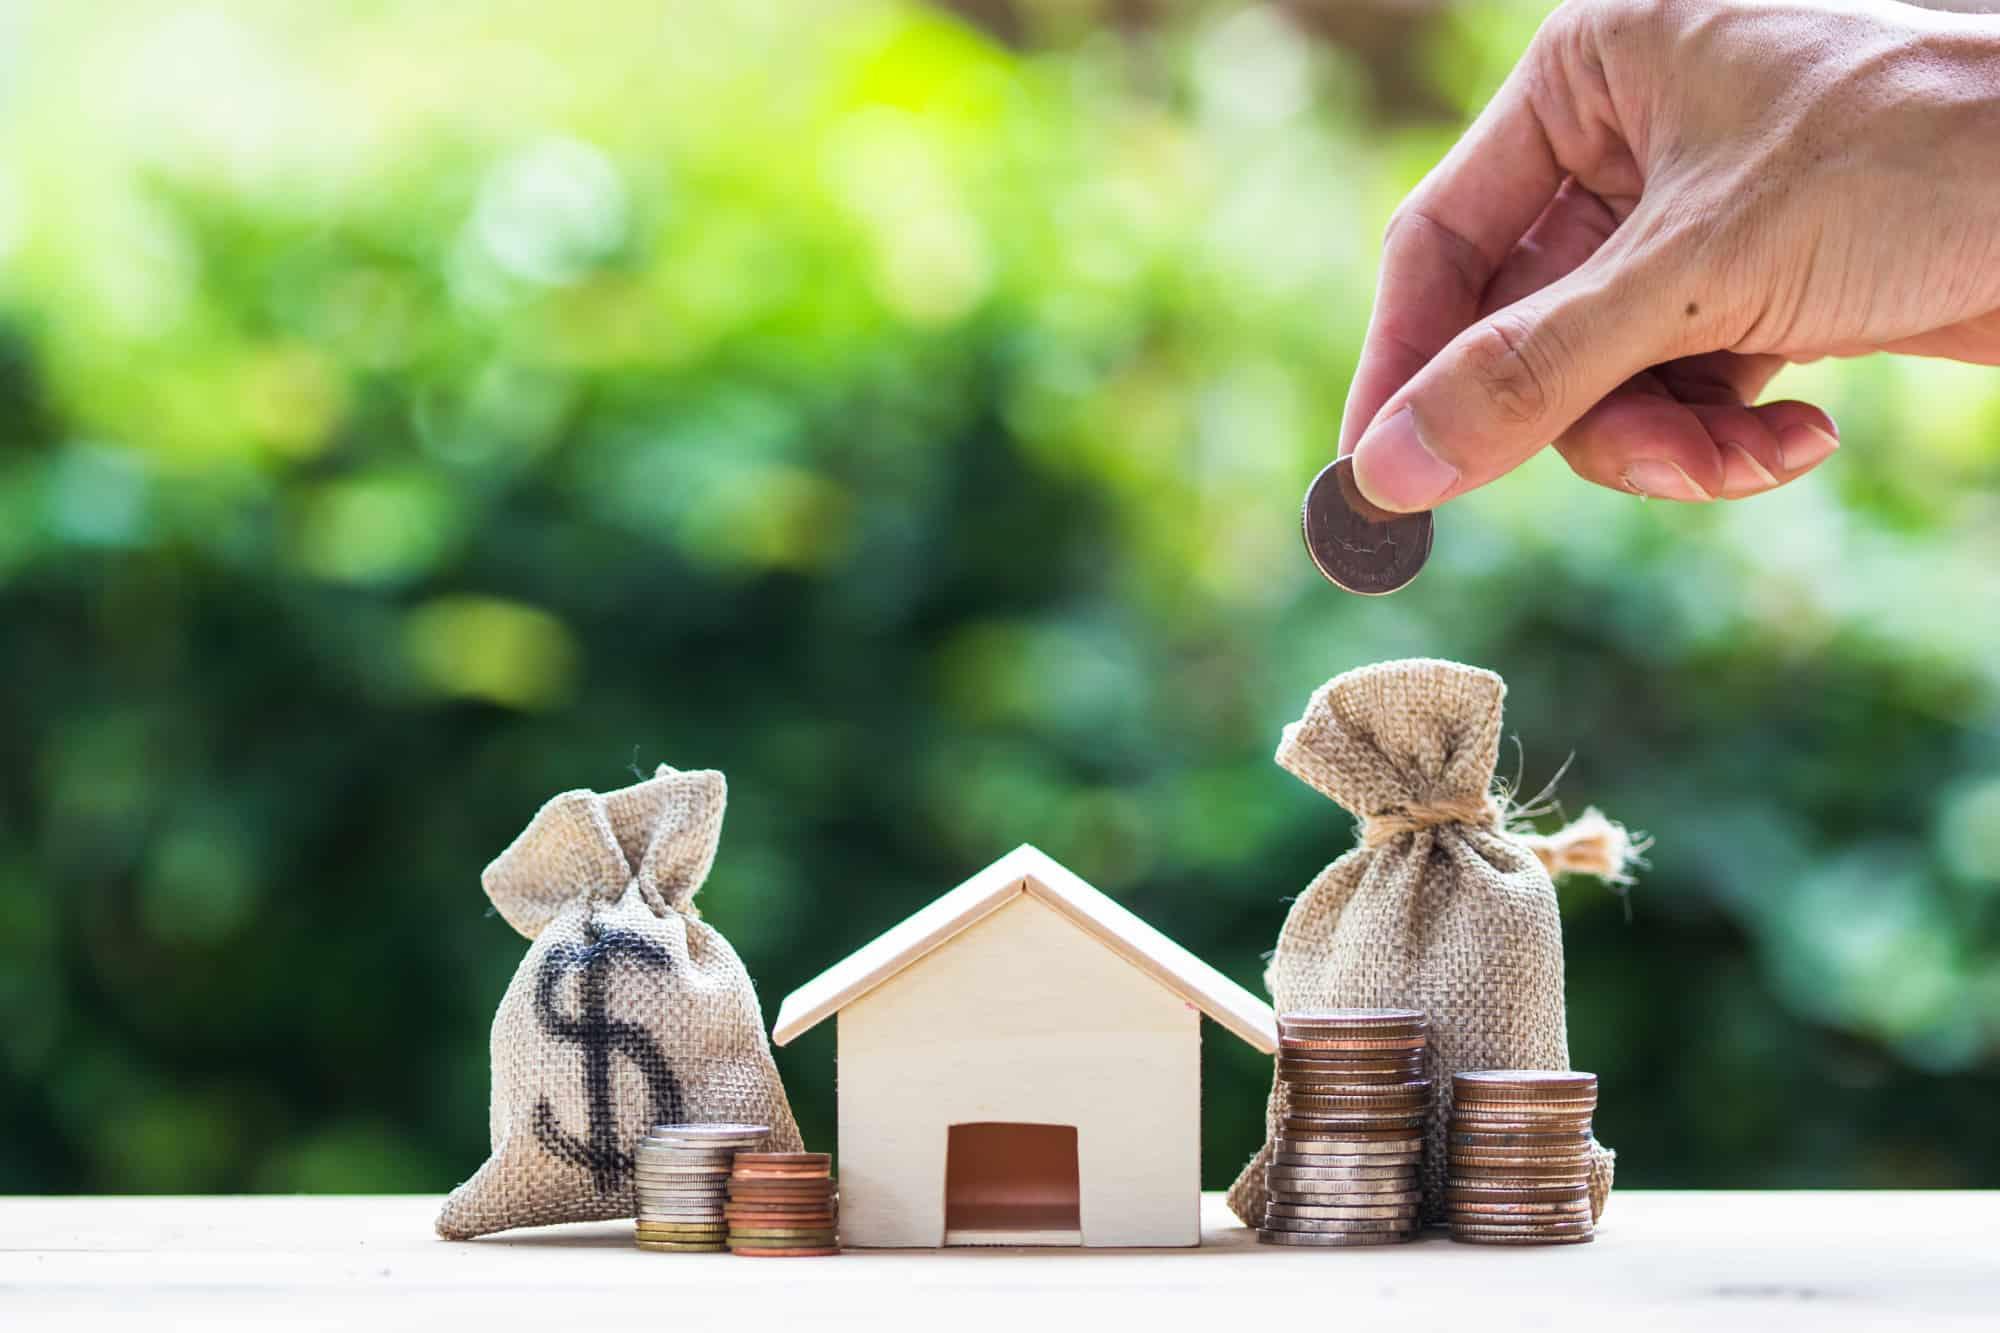 Ce qu'il faut savoir sur la baisse de la taxe d'habitation